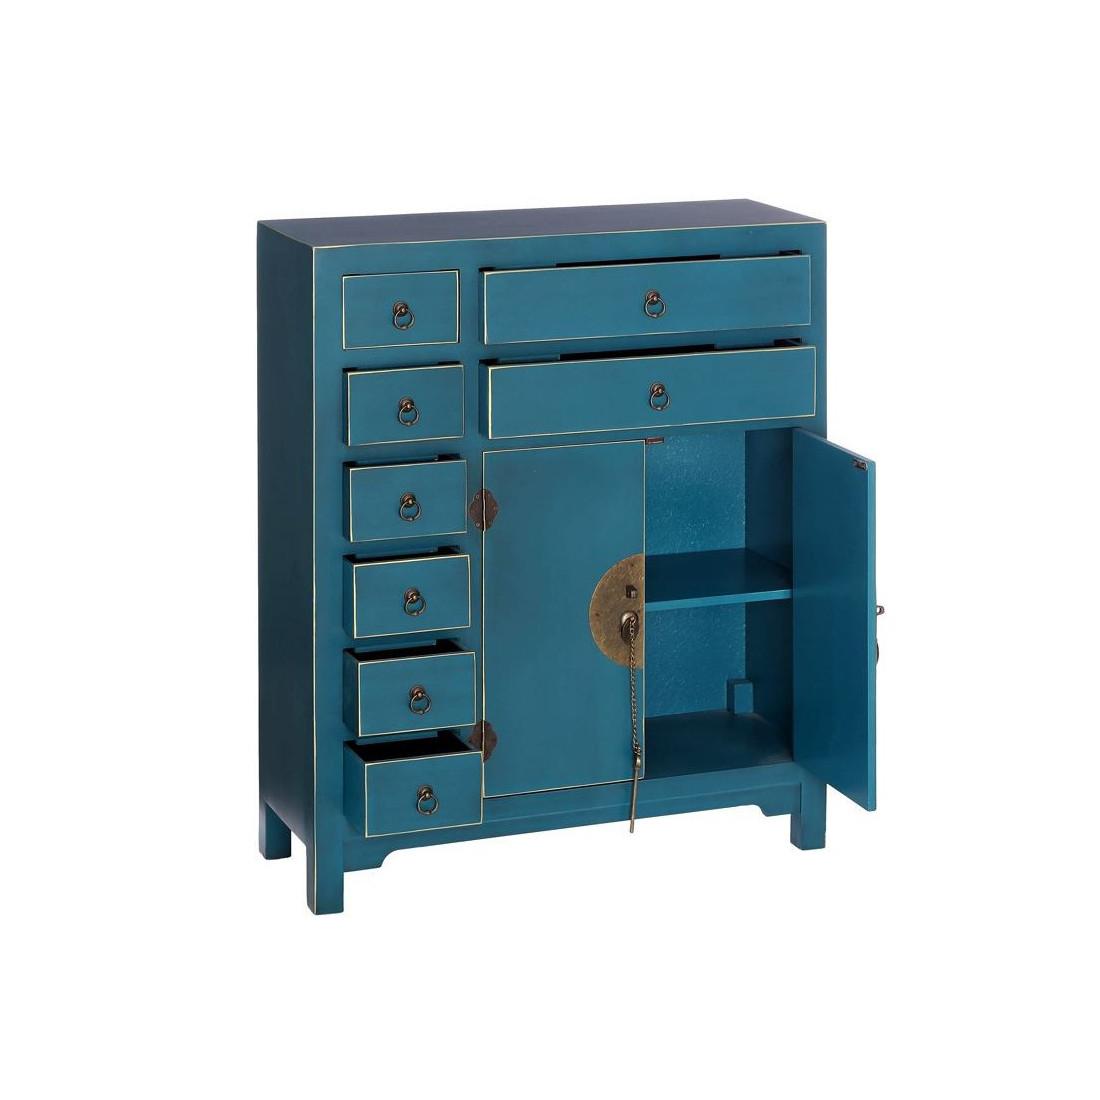 Meubles d 39 entr e bleu meuble chinois pekin univers for Meuble chinois bleu